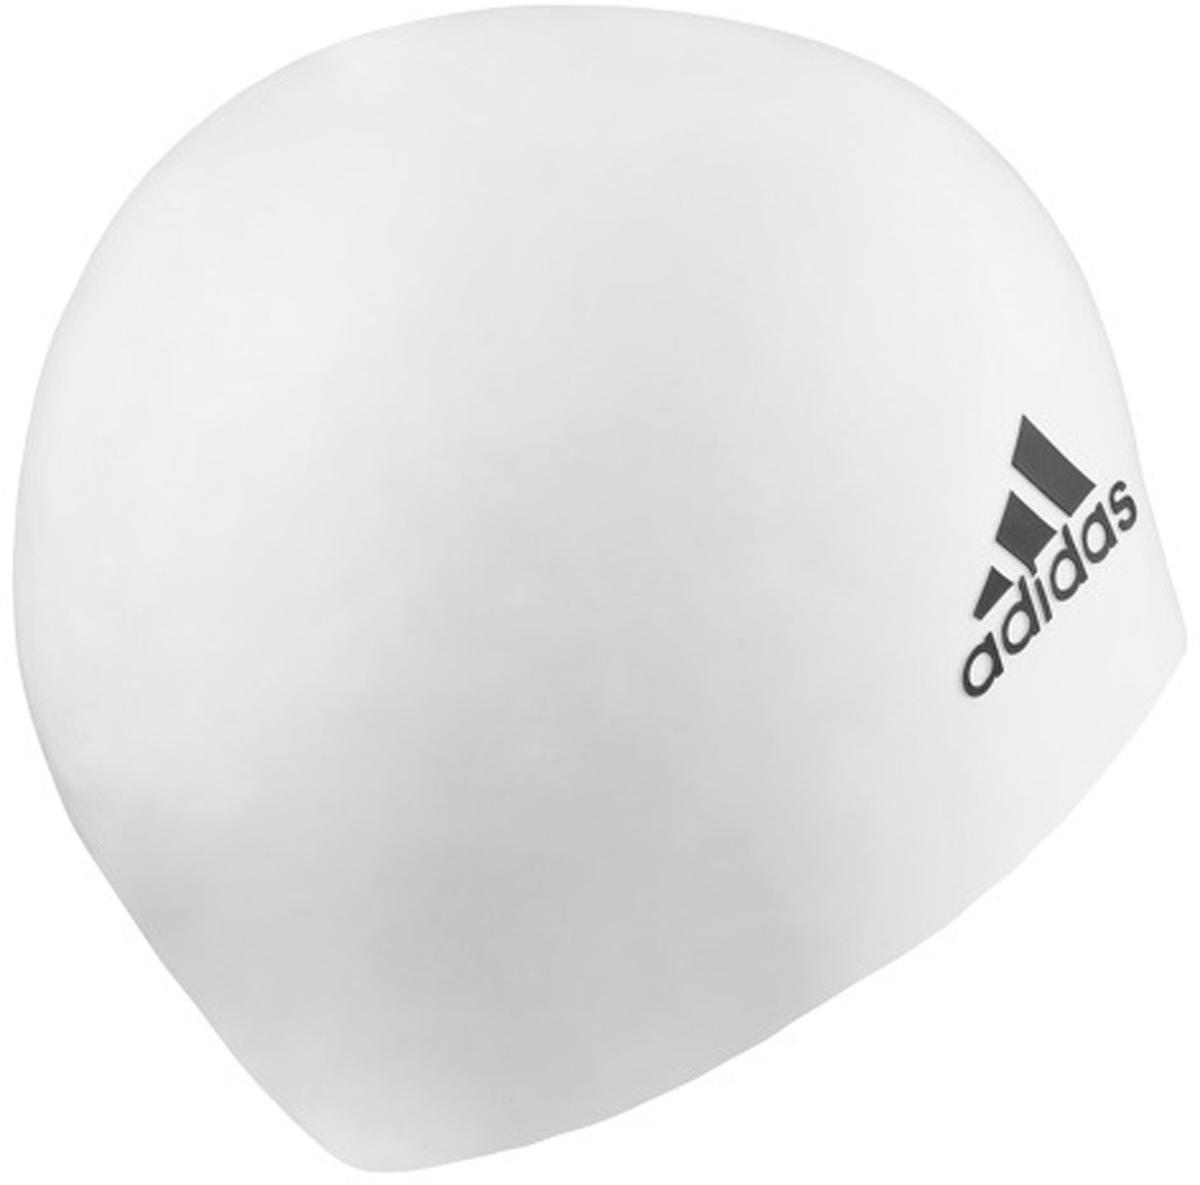 Шапочка для плавания Adidas Sil CP Logo 1PС, цвет: белый. 802315802315Лаконичная силиконовая шапочка Adidas Sil CP Logo 1PС предназначена для профессиональных пловцов. Она плотно облегает голову, сохраняя волосы сухими в течение всей тренировки. Прочная и устойчивая к разрыву. Шапочка украшена рельефным логотипомadidas. Размер: универсальный.